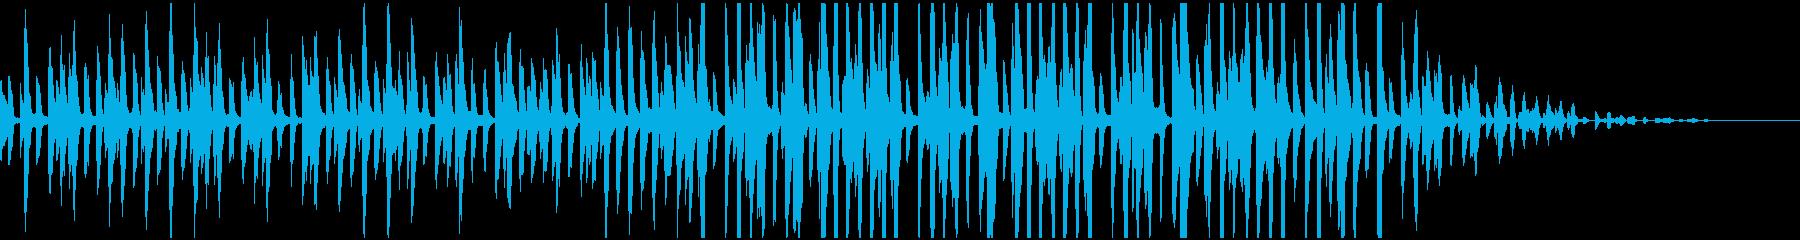 BGMやCMに 軽快なピアノ曲の再生済みの波形